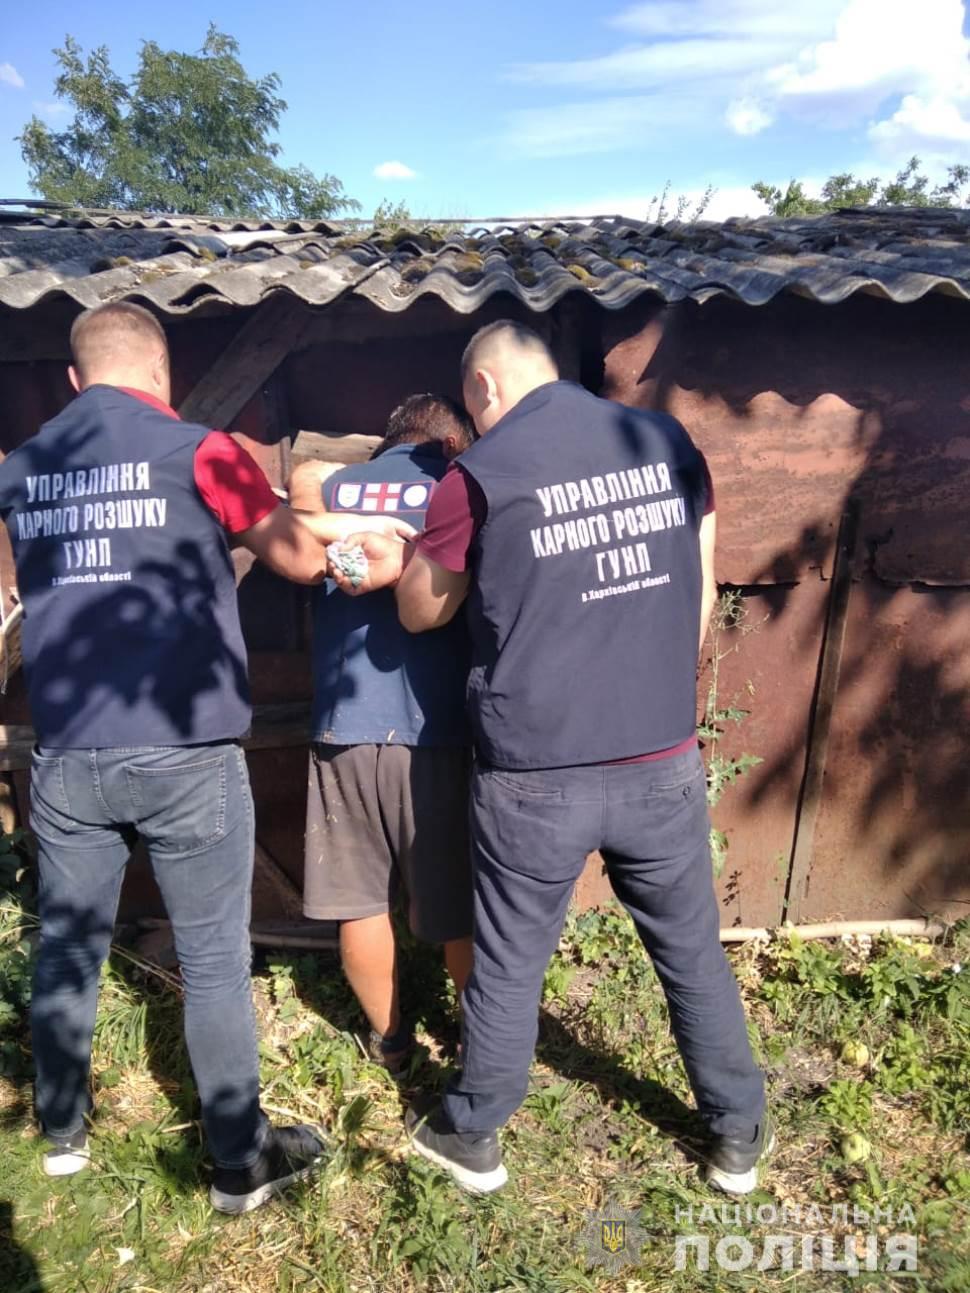 В Харьковской области задержали двух братьев, подозреваемых в убийстве (фото)